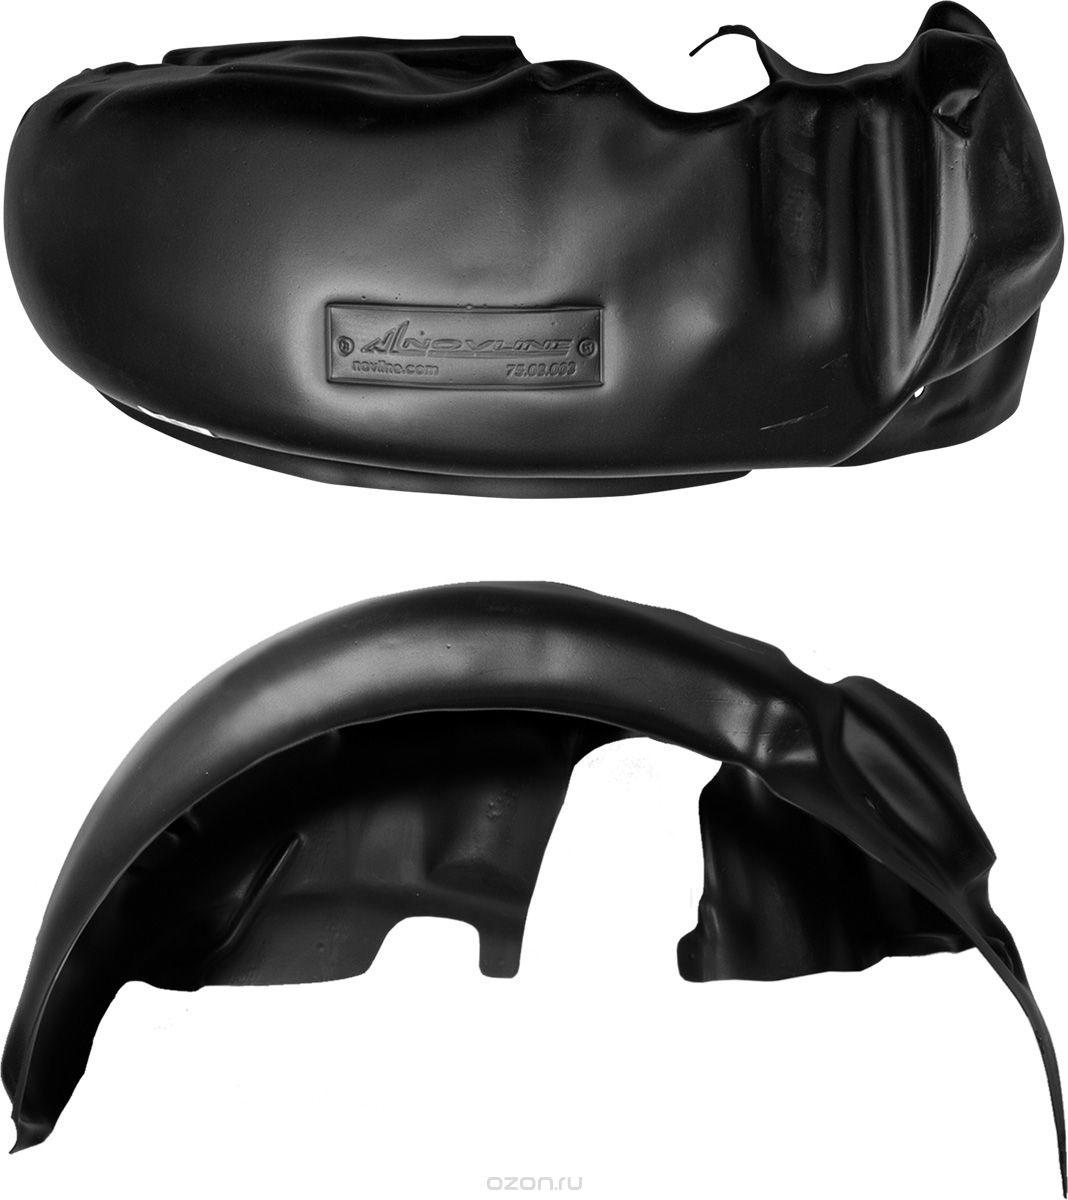 Подкрылок Novline-Autofamily, для Honda Civic 4D, 2012->, задний левыйNLL.18.17.003Идеальная защита колесной ниши. Локеры разработаны с применением цифровых технологий, гарантируют максимальную повторяемость поверхности арки. Изделия устанавливаются без нарушения лакокрасочного покрытия автомобиля, каждый подкрылок комплектуется крепежом. Уважаемые клиенты, обращаем ваше внимание, что фотографии на подкрылки универсальные и не отражают реальную форму изделия. При этом само изделие идет точно под размер указанного автомобиля.